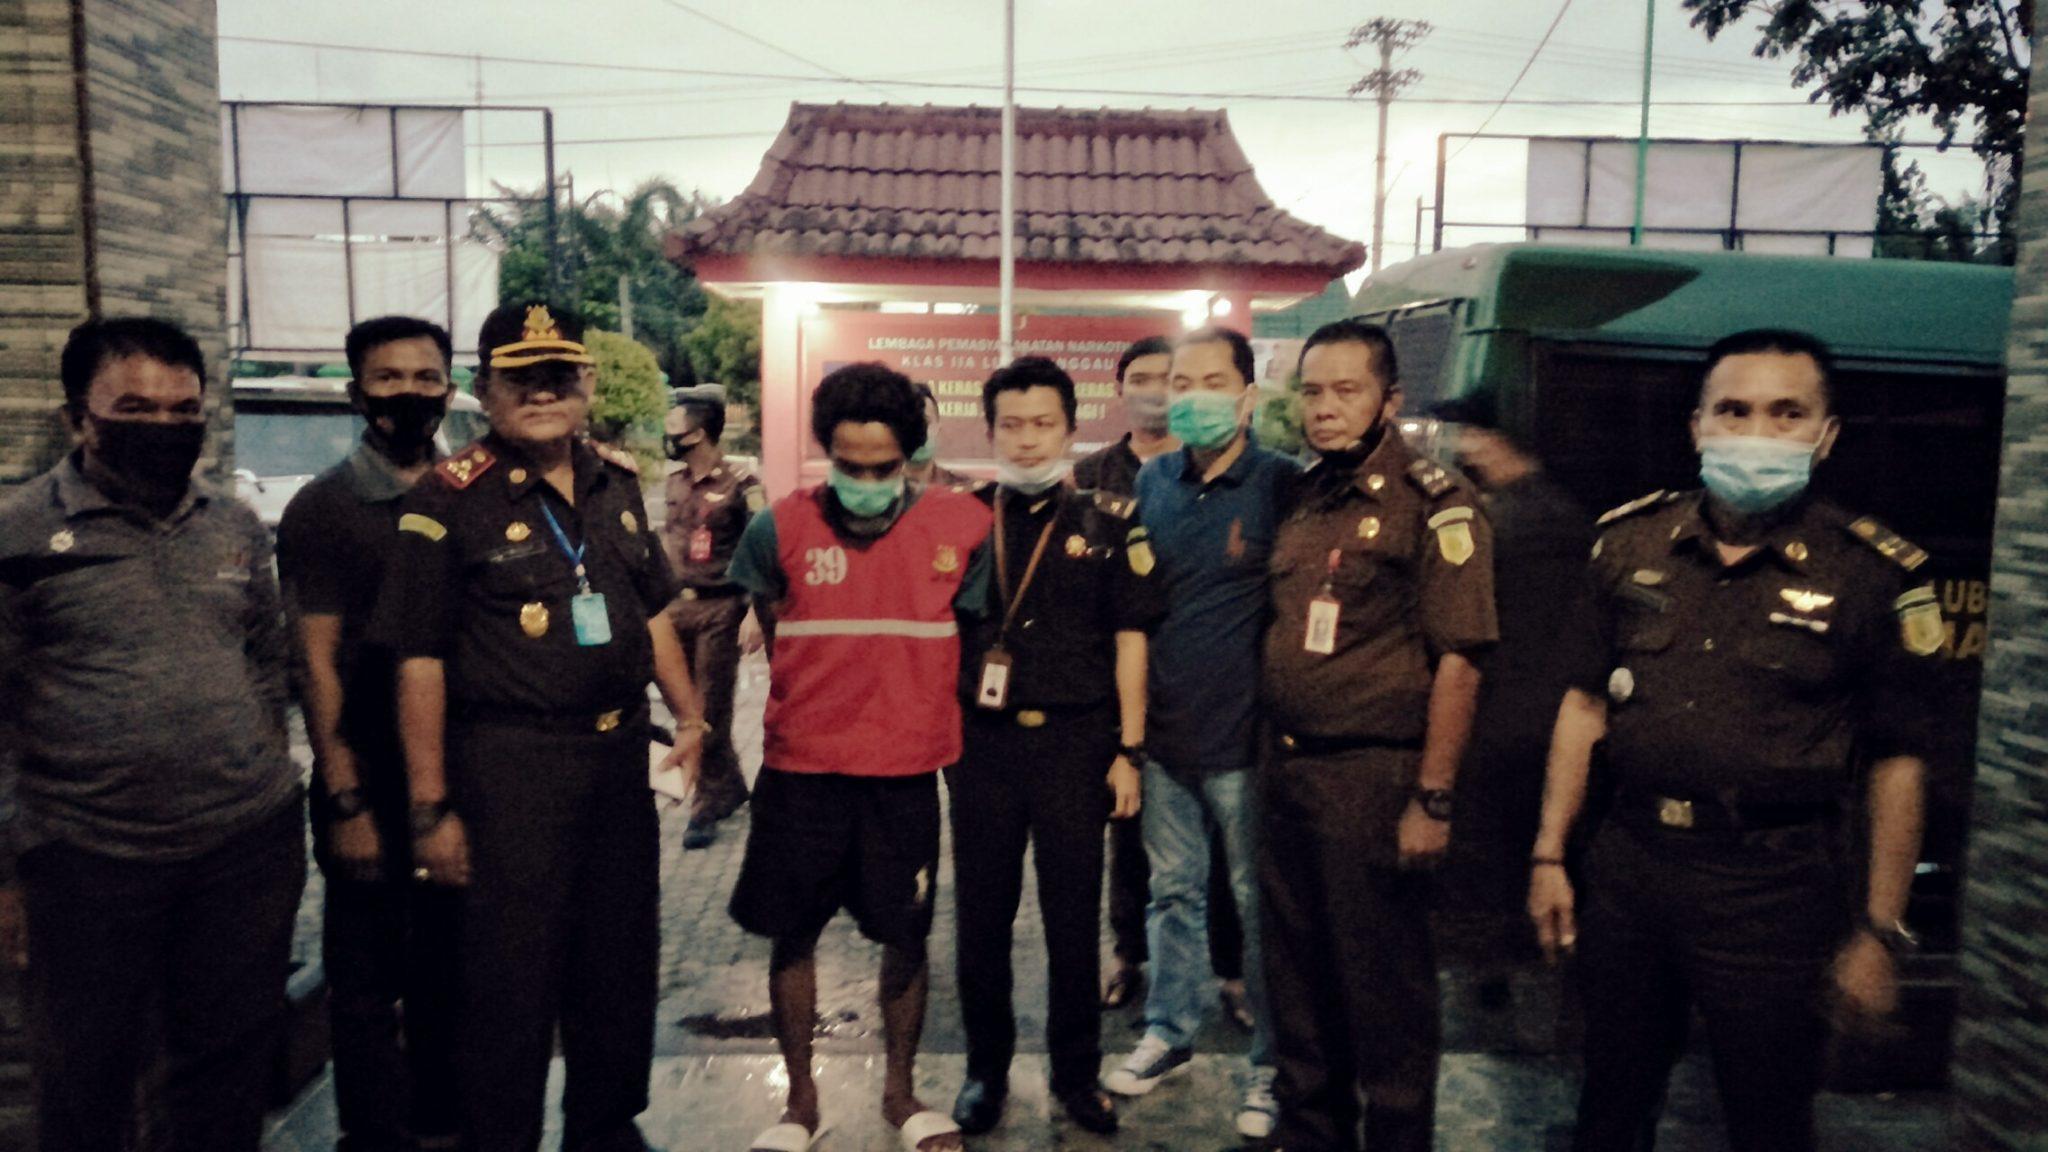 Harry yang Kabur Saat Hendak Vonis di Lubuklinggau, Ditangkap di Lampung Selatan